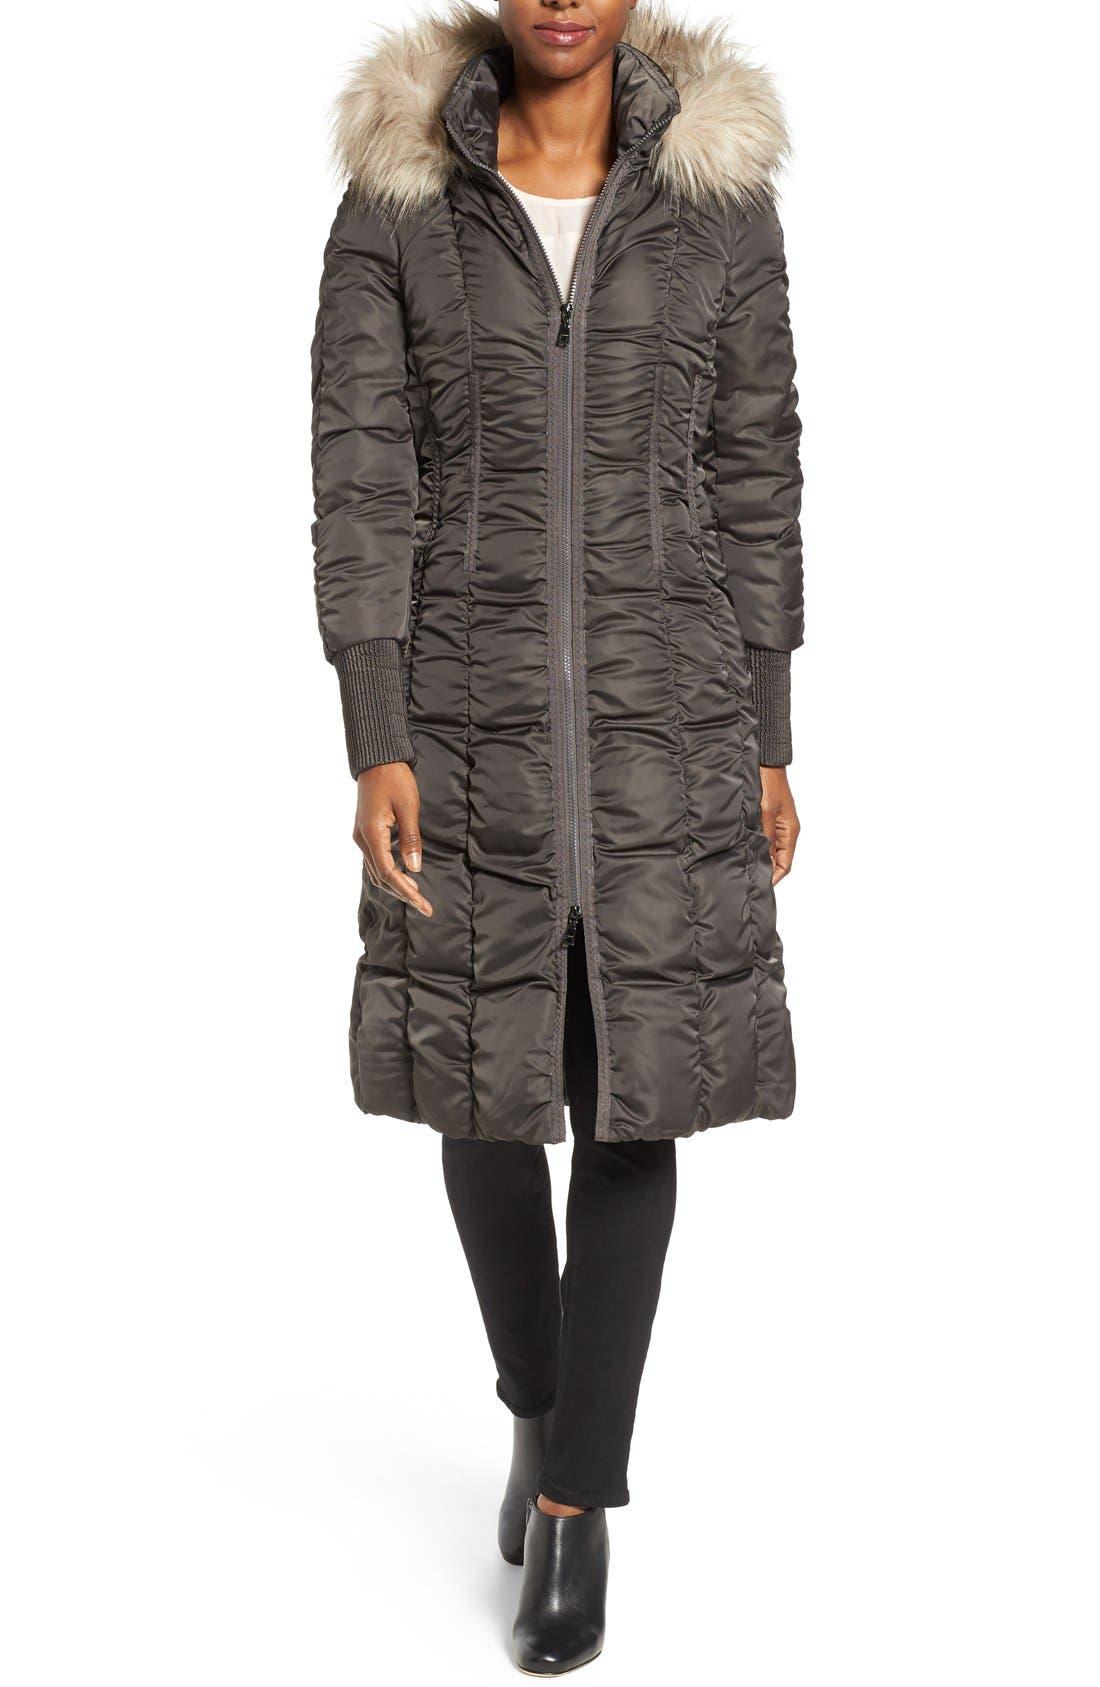 Alternate Image 1 Selected - Tahari Elizabeth Faux Fur Trim Hooded Long Coat